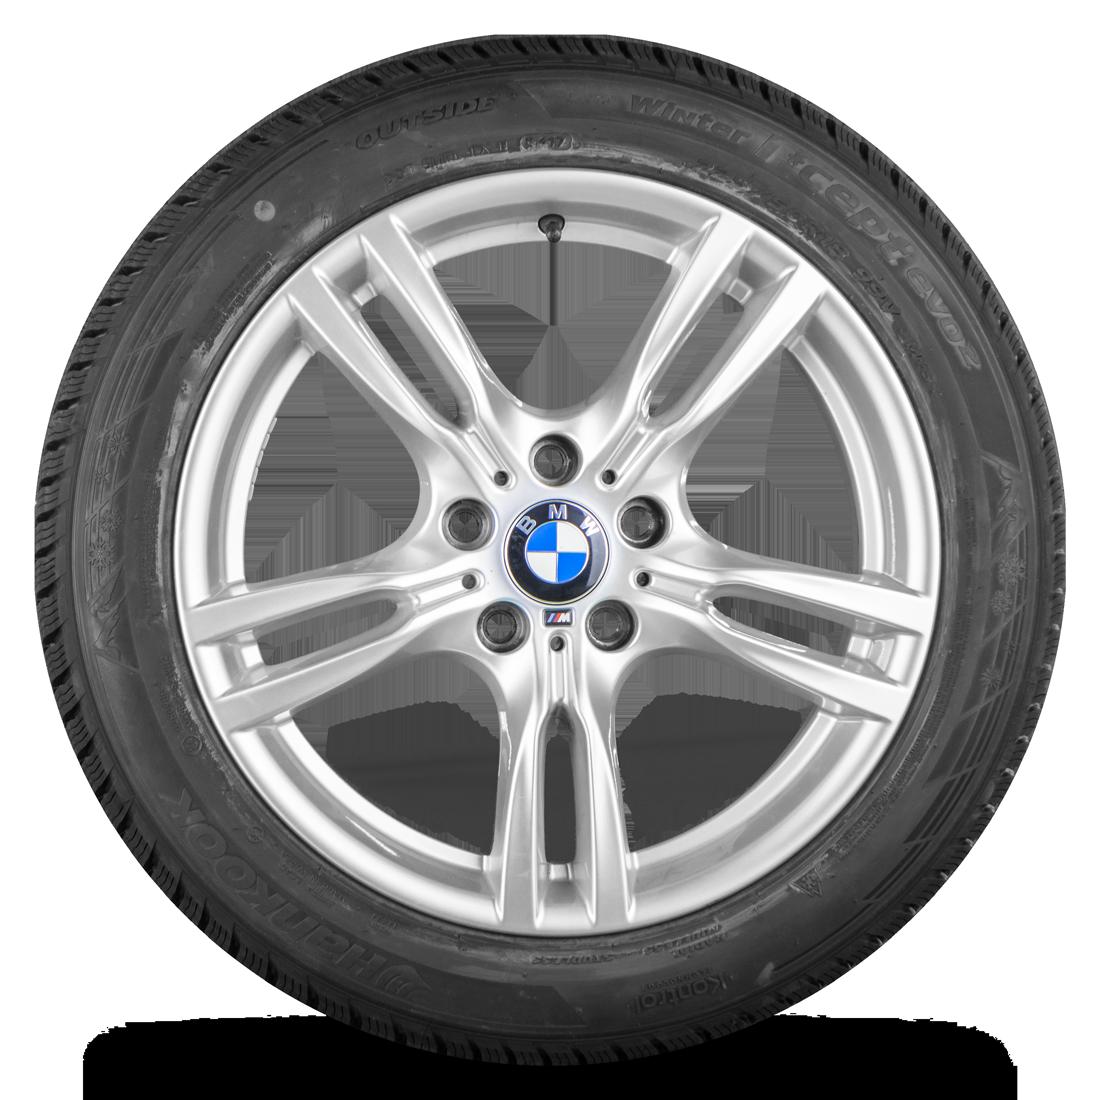 BMW 18 Zoll Felgen 3er GT F34 Alufelgen Winterreifen M400 M 400 Winterräder